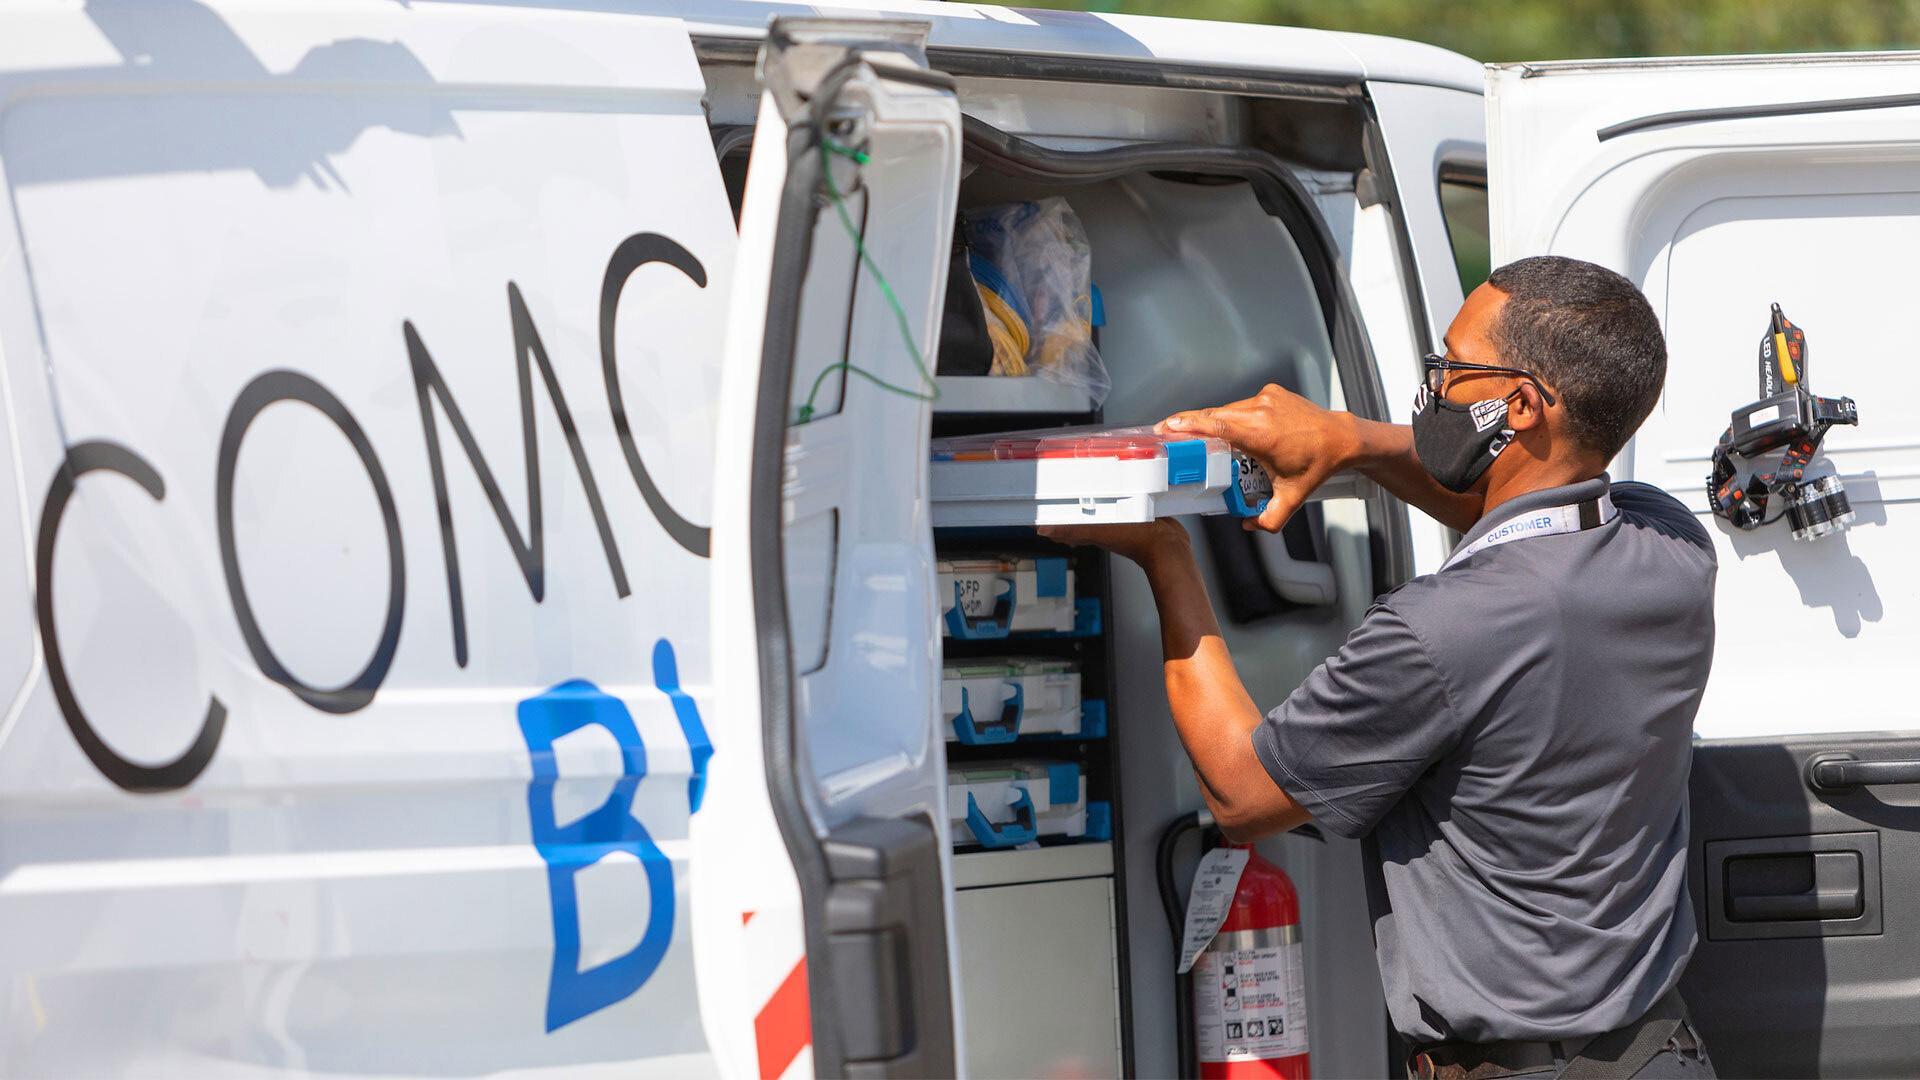 A Comcast technician unloads supplies from a van